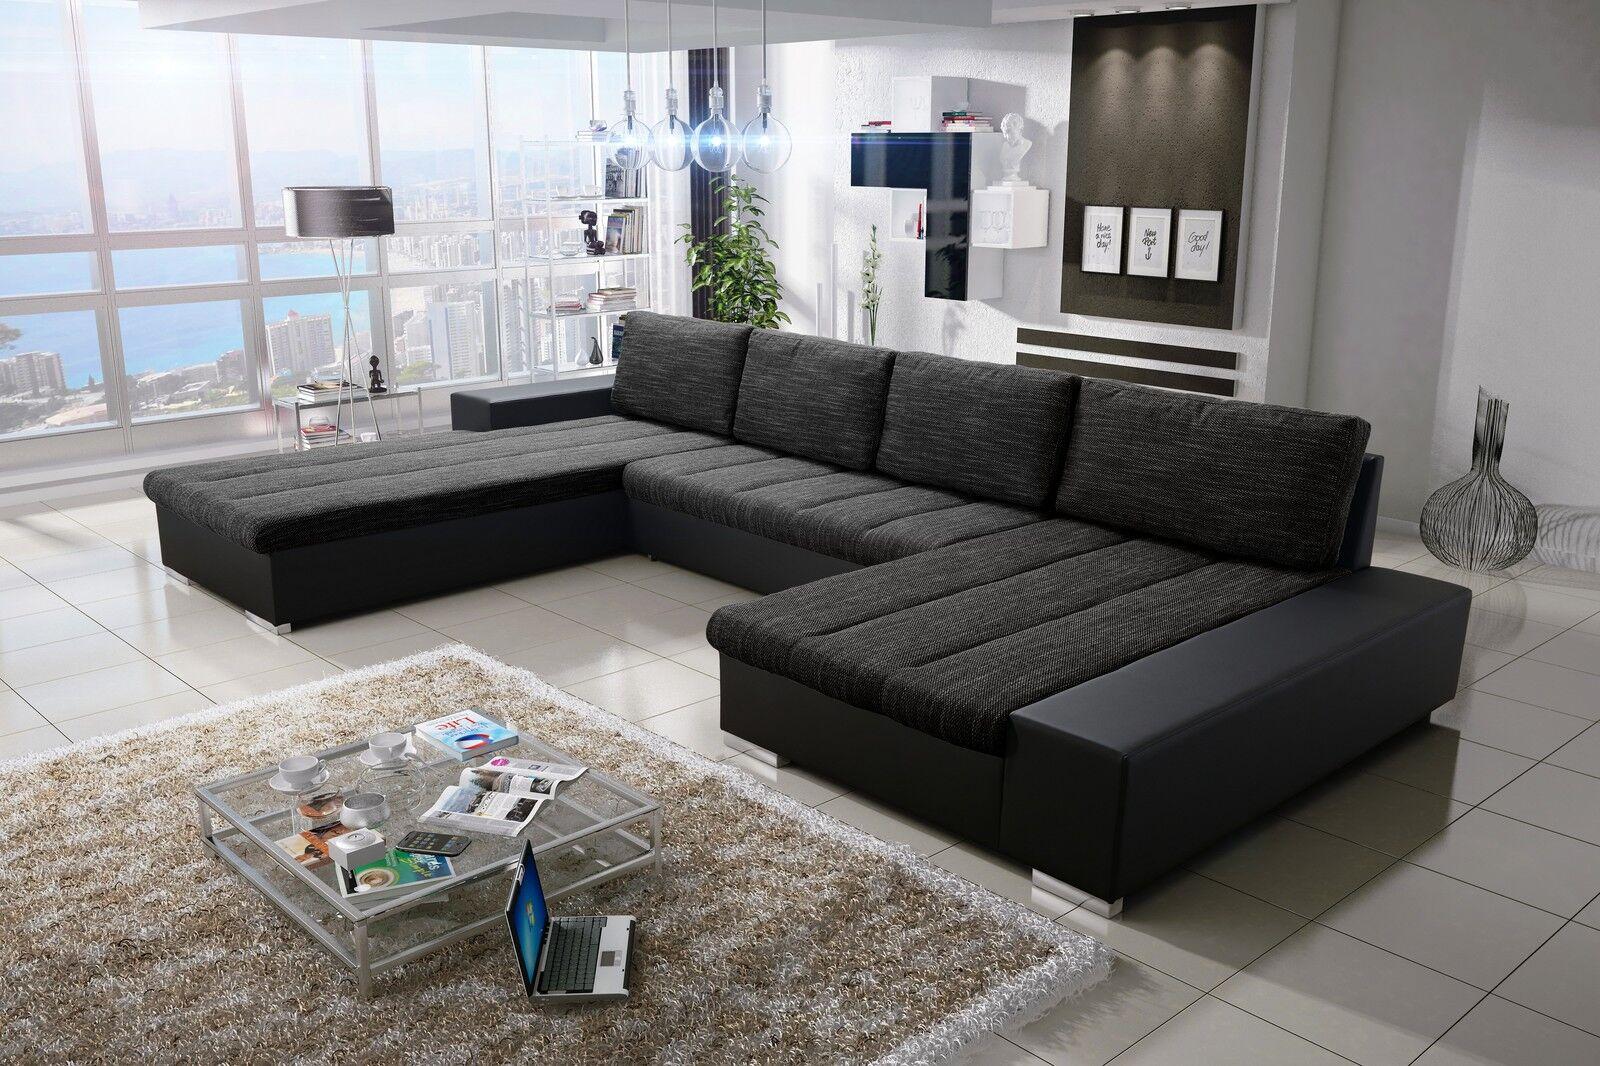 Sofa Couchgarnitur Couch Sofagarnitur Verona 3 U Wohnlandschaft